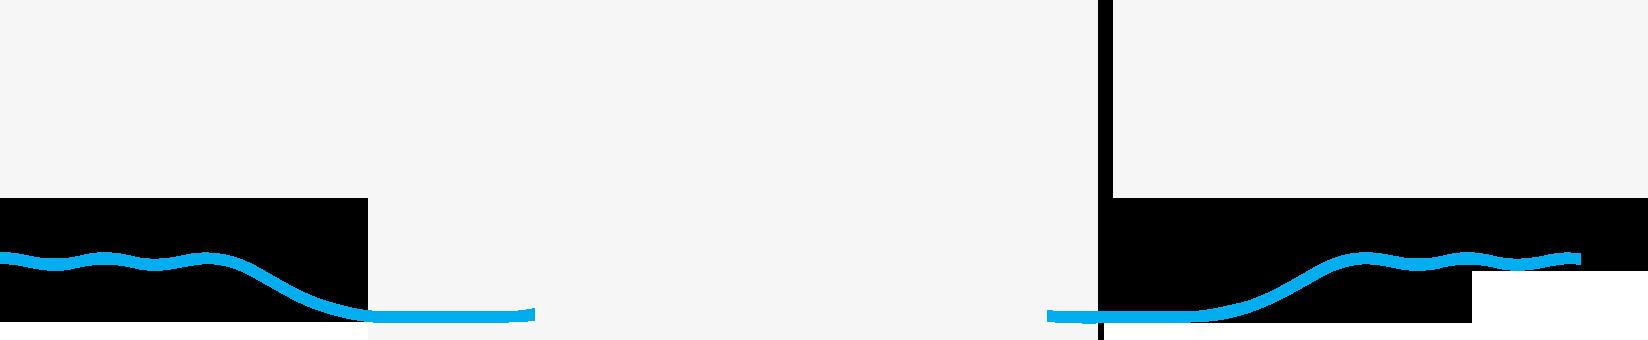 blachotrapez_germania_simetric_logobiala